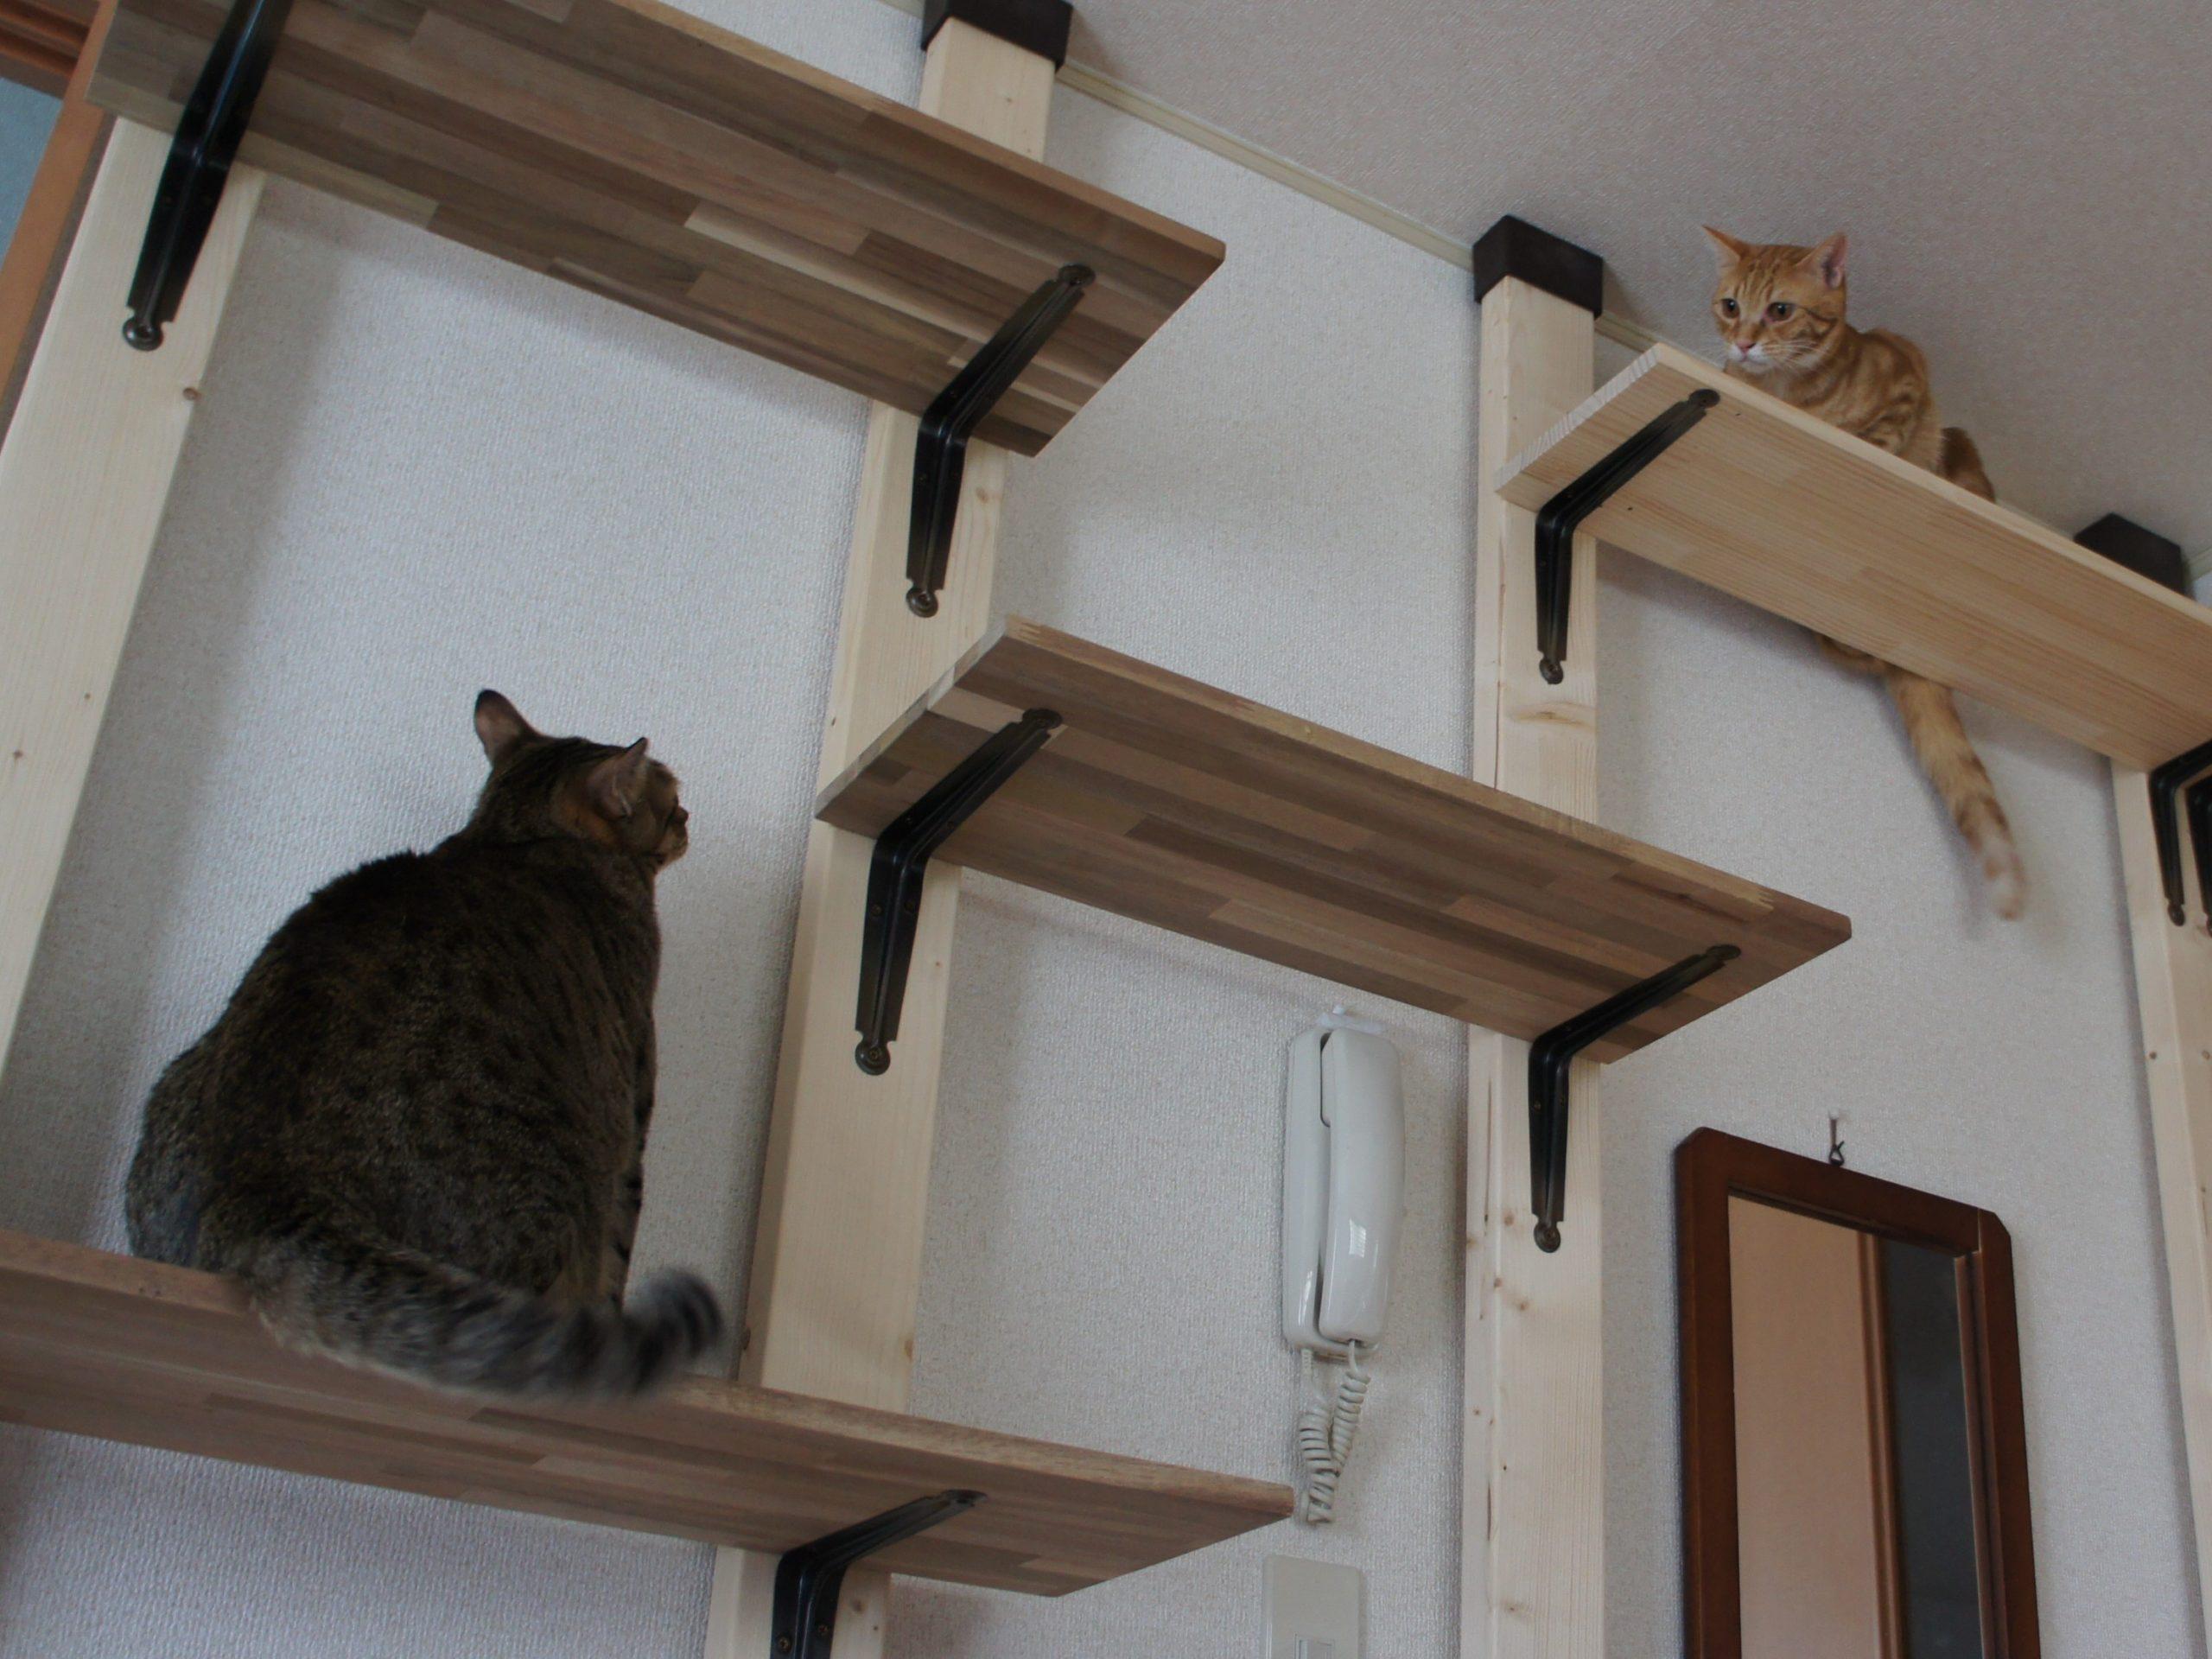 アパートで猫と暮らすのに1階を選ぶ理由